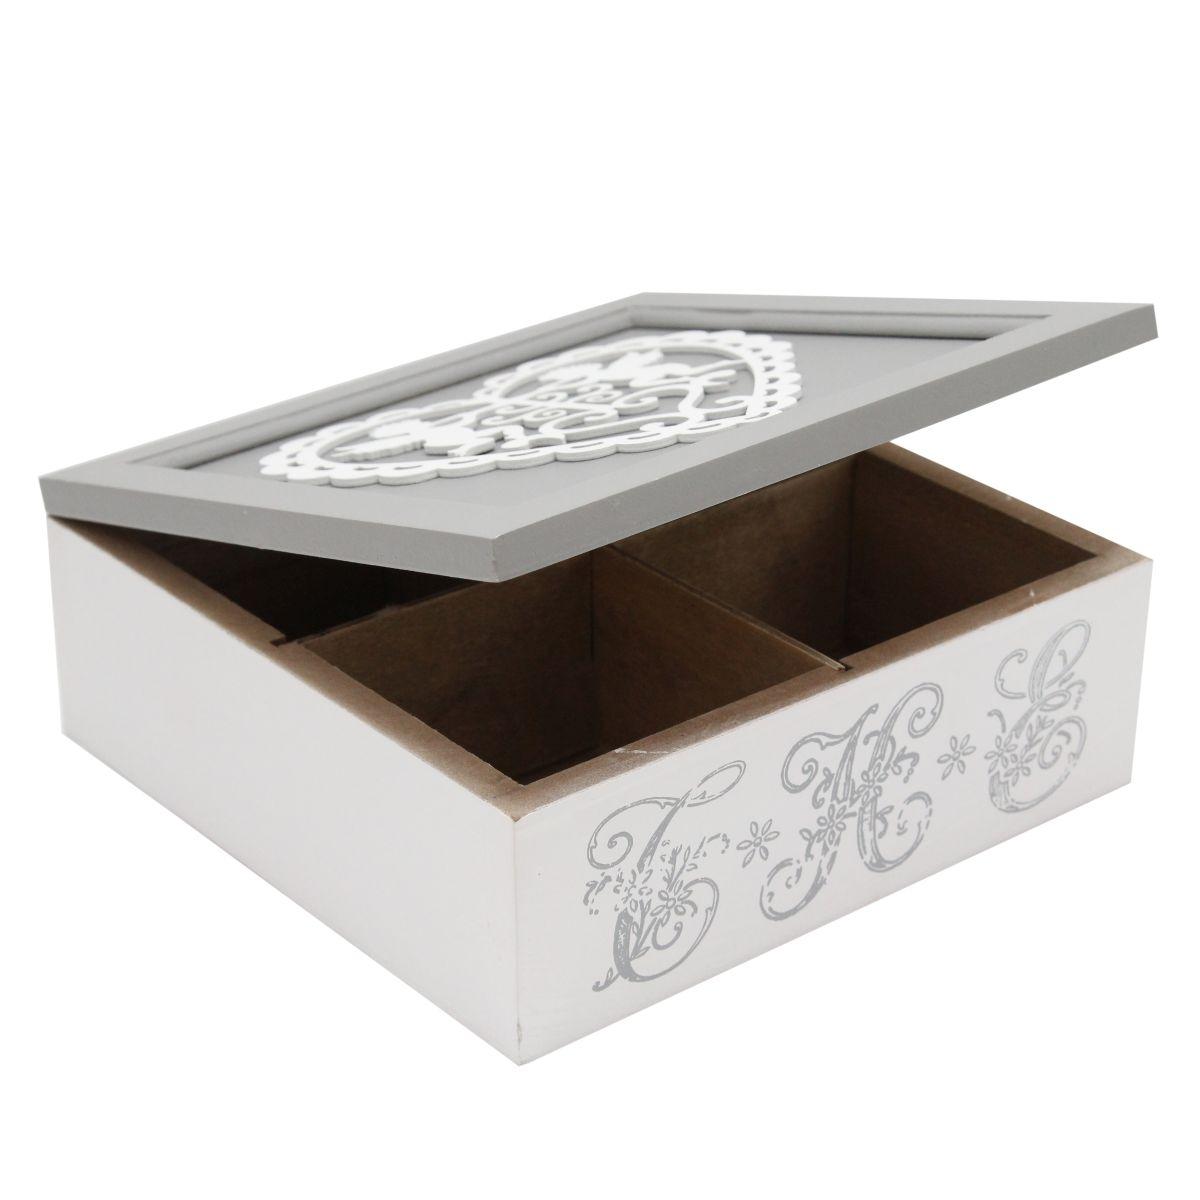 Cutie Pentru Ceai Din Lemn Cu Inimioara 18x18 Cm